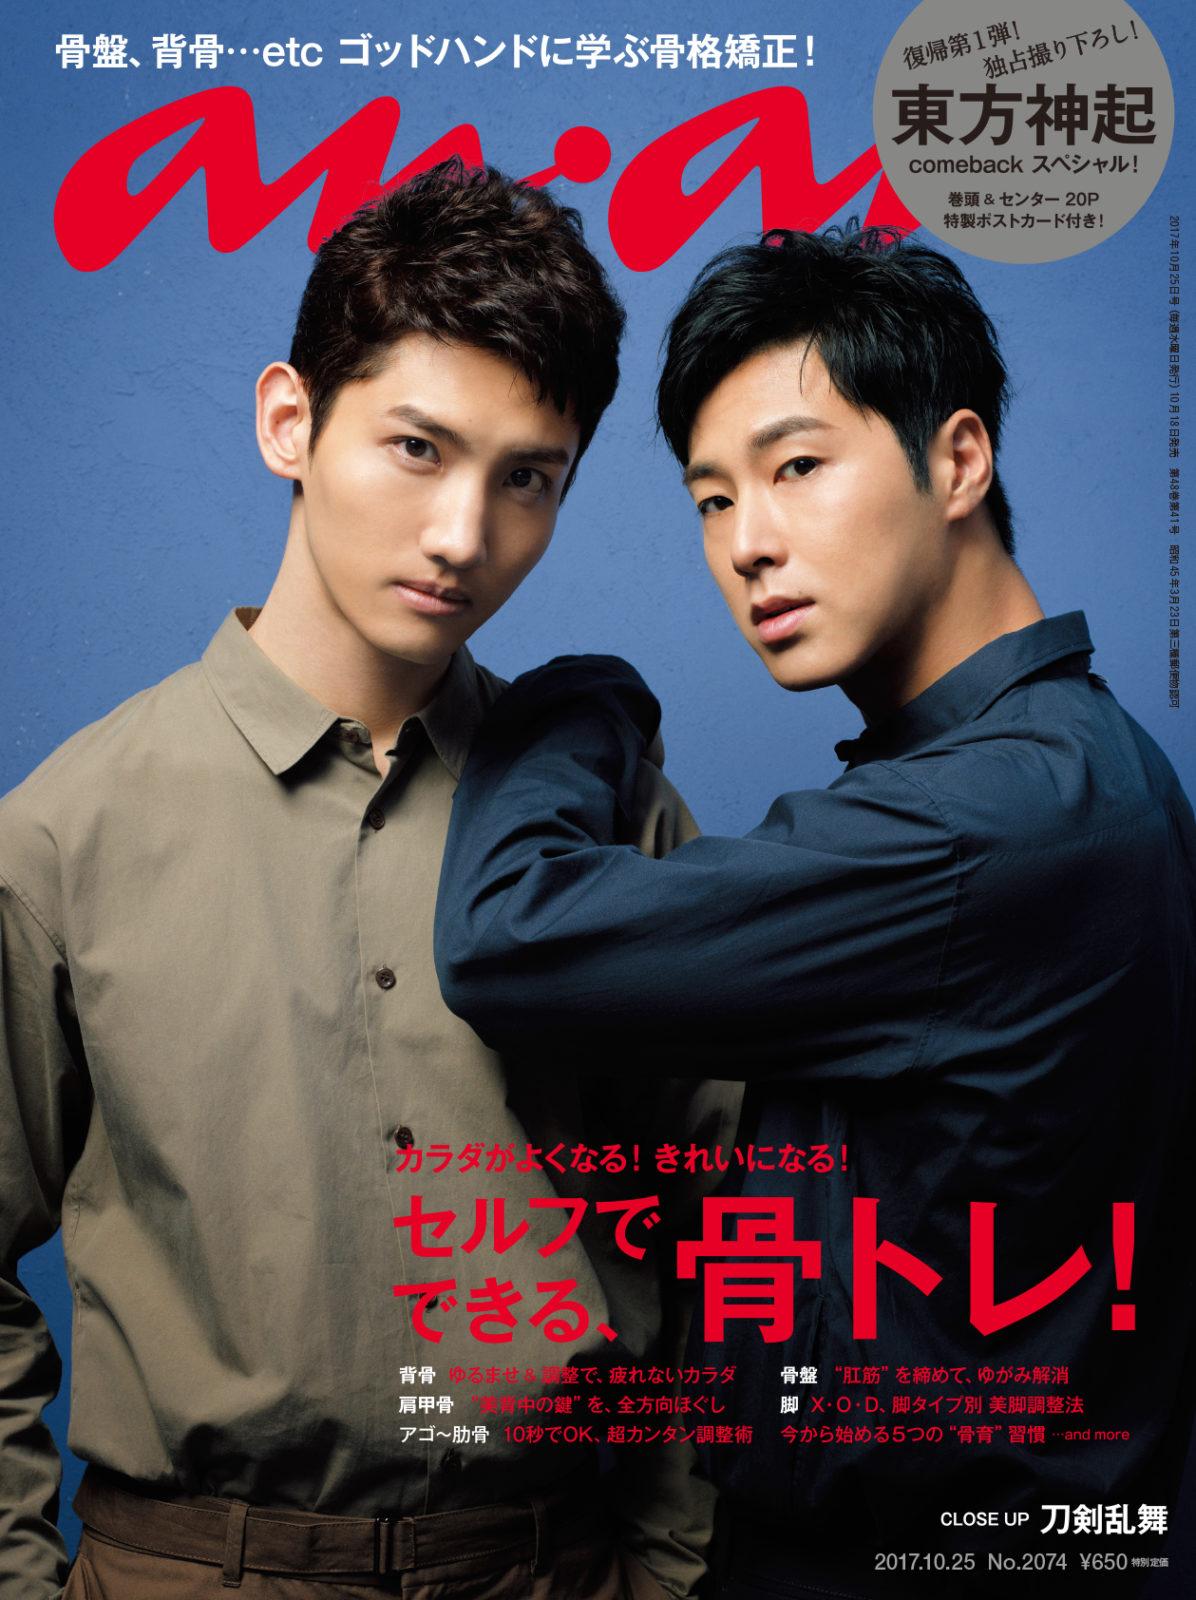 東方神起、活動再開後初表紙を飾った「anan」発売!渋谷駅に巨大ボードもサムネイル画像